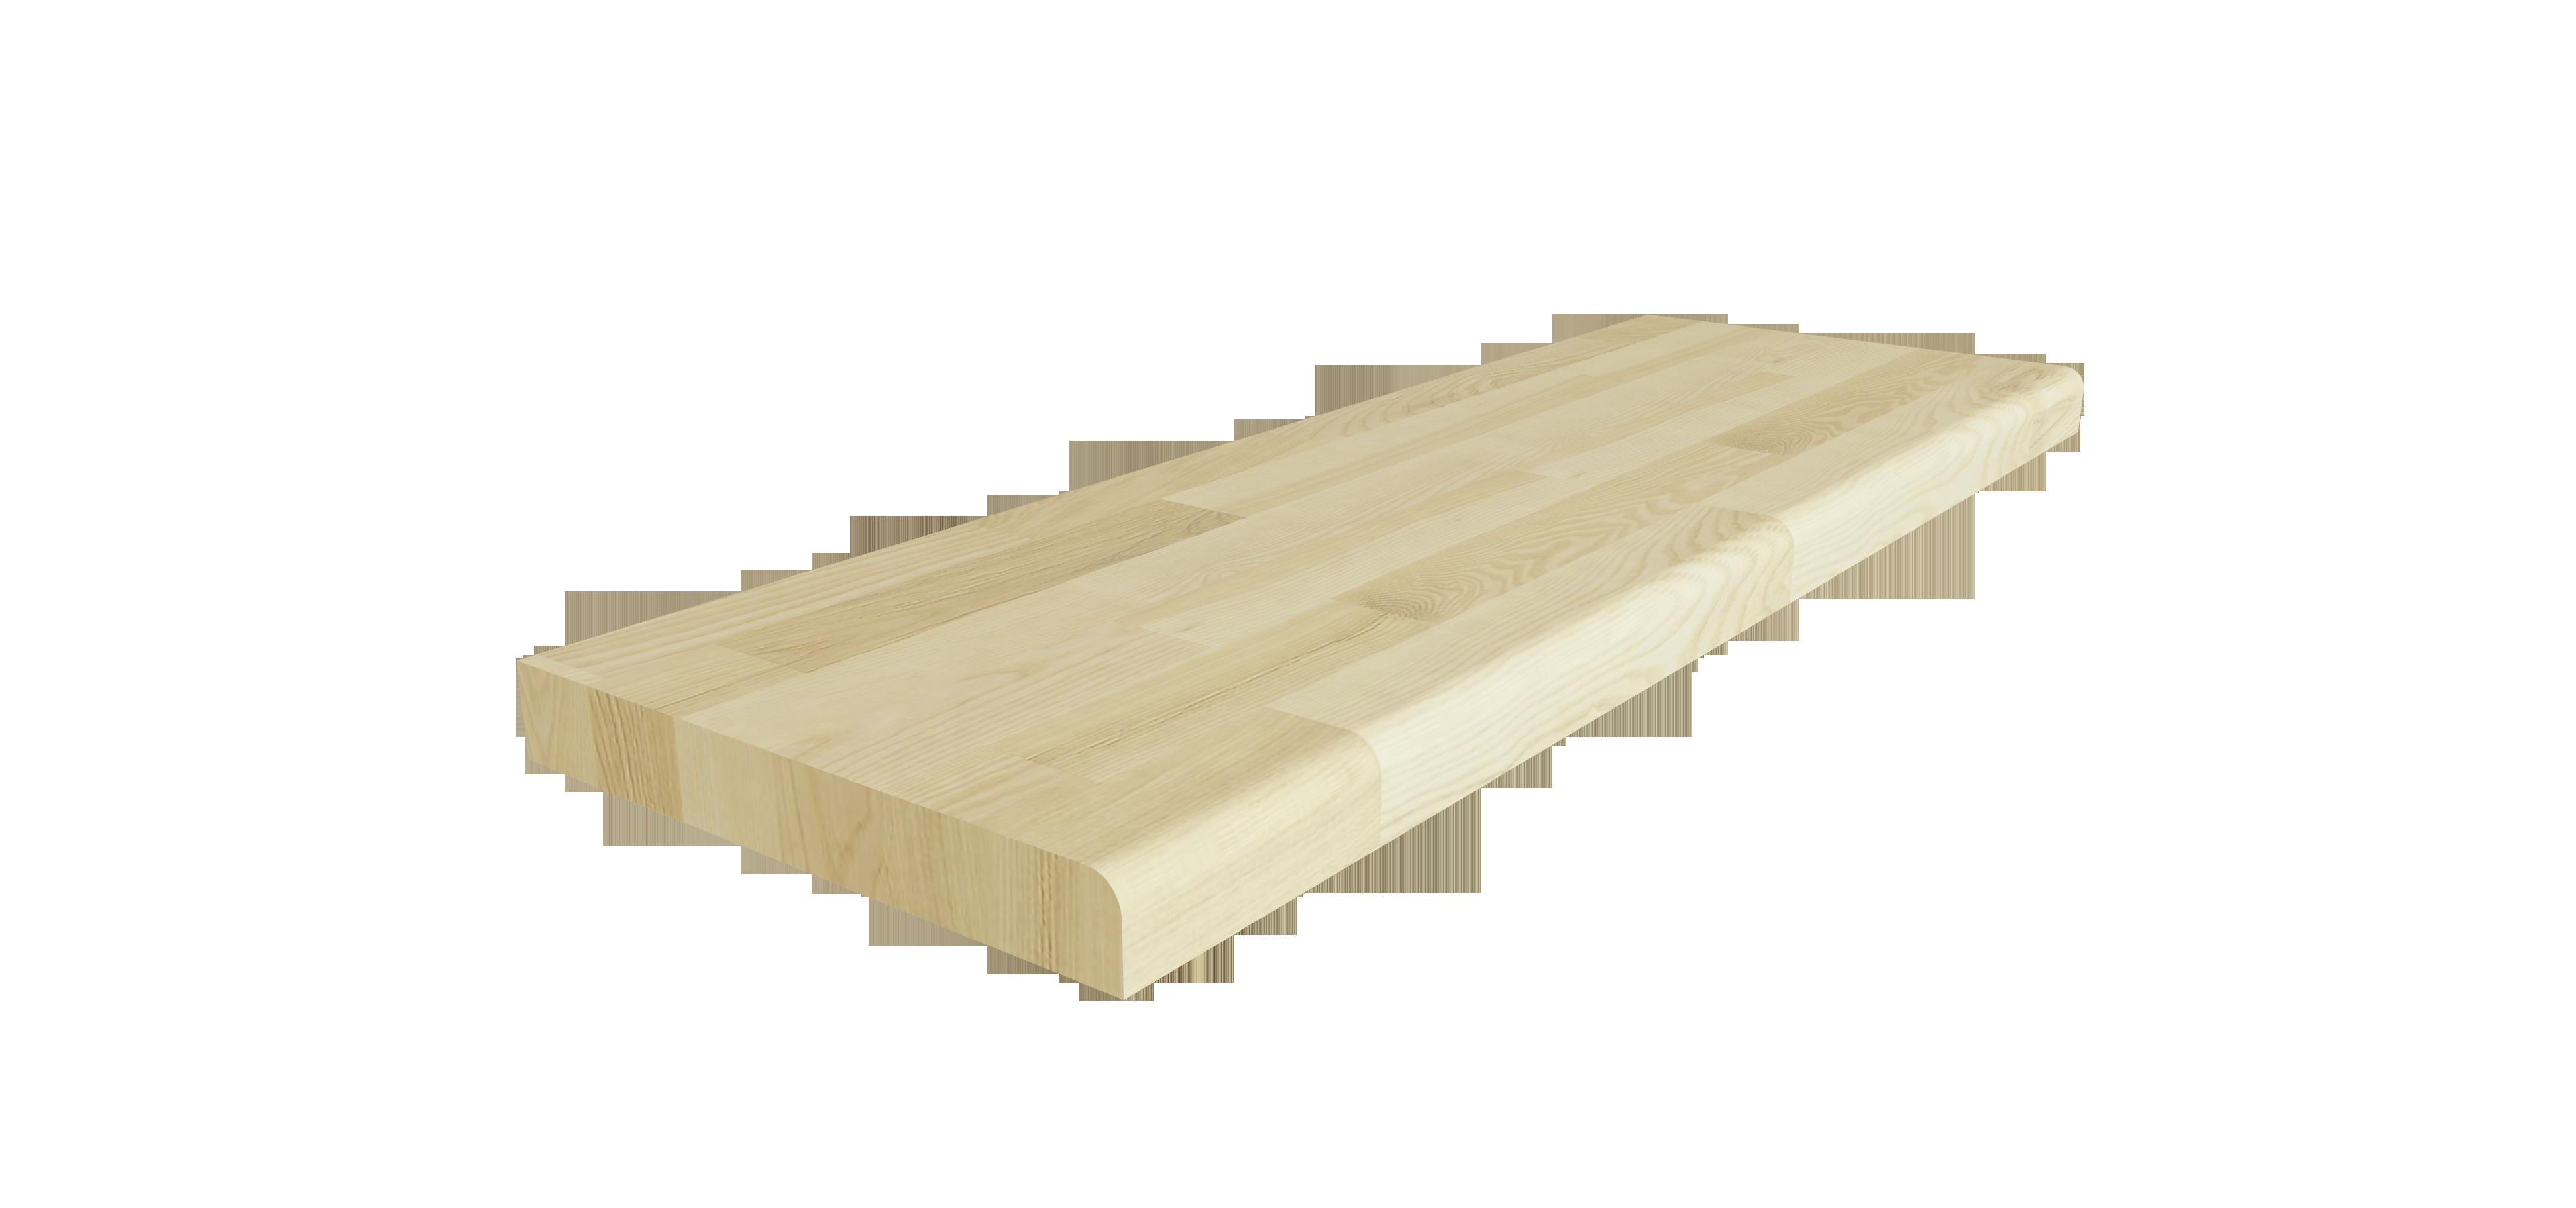 Мебельный щит сосна - Продажа пиломатериалов